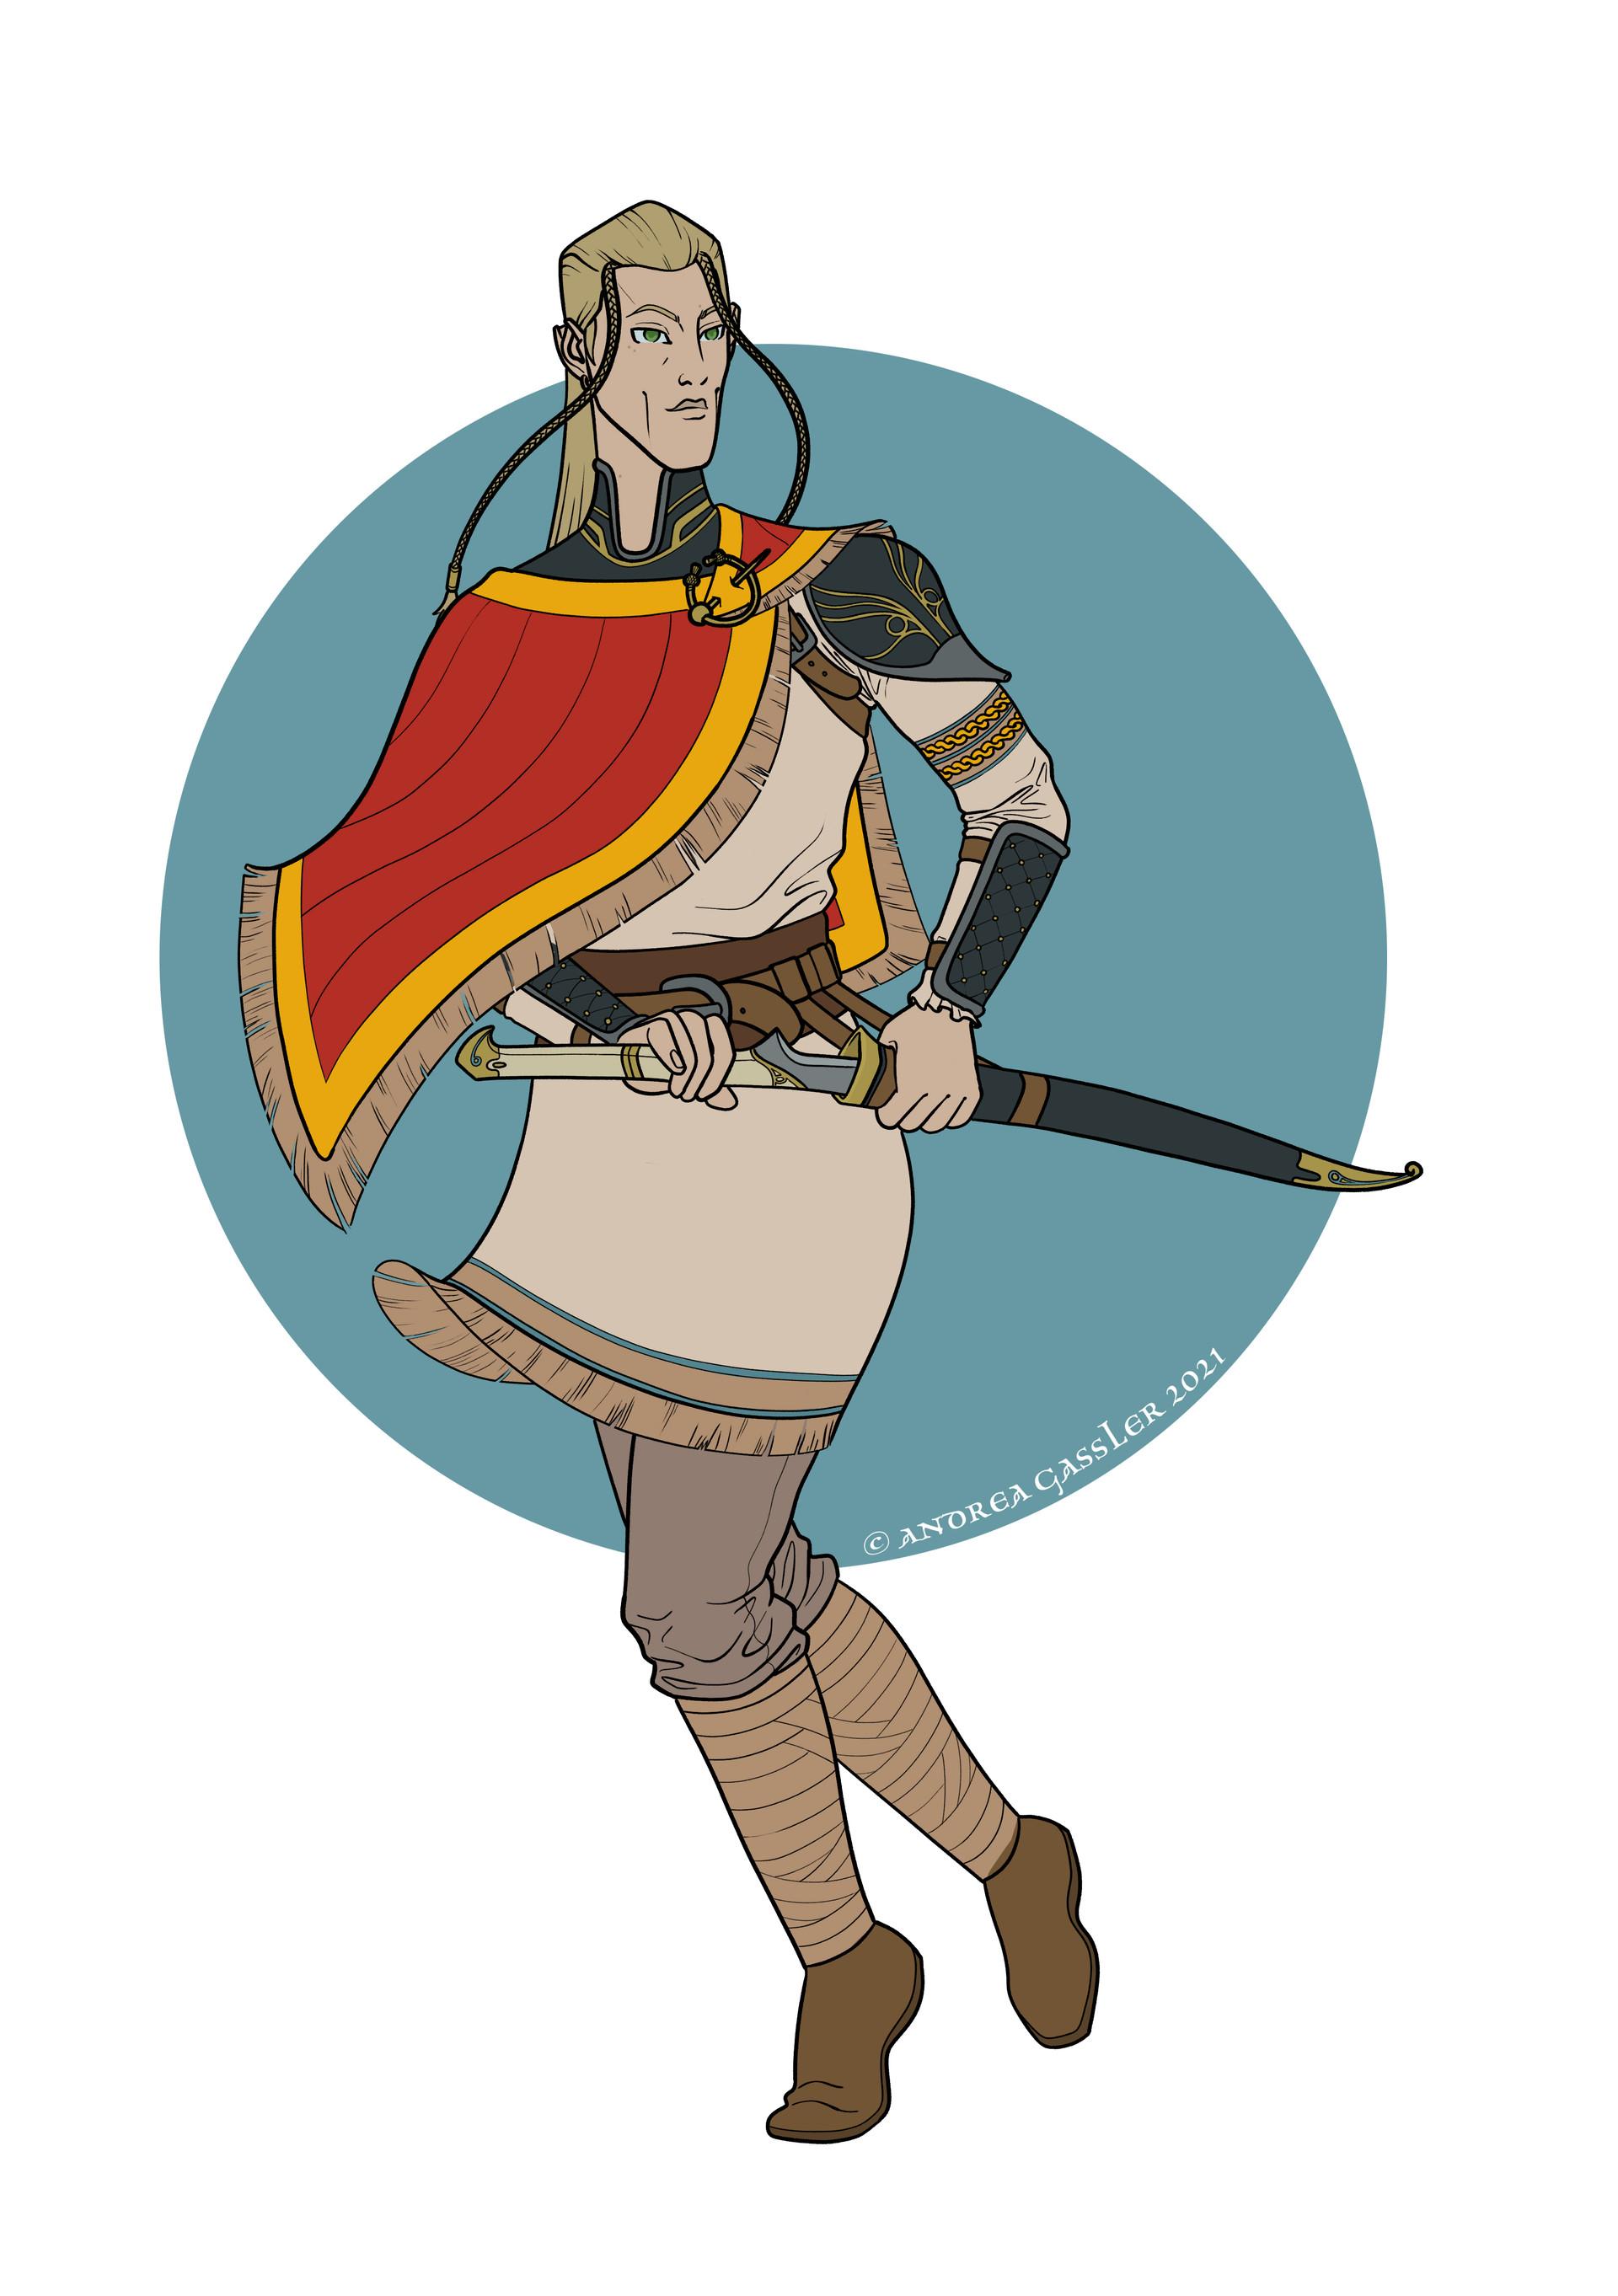 Gwynhild